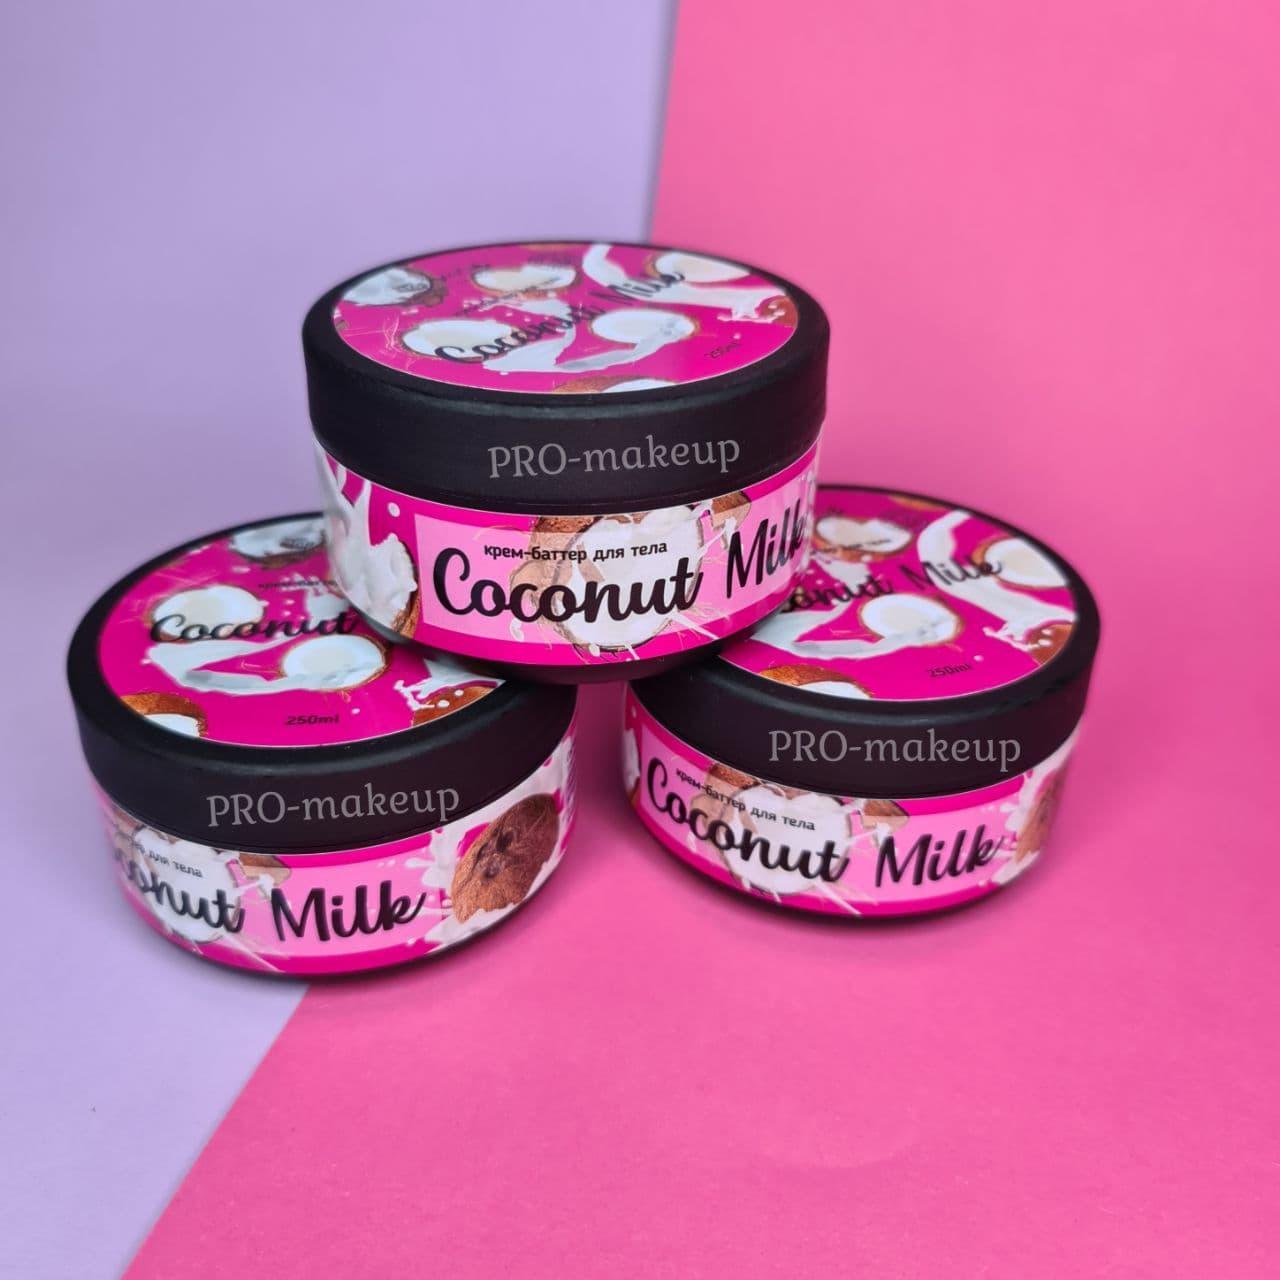 Крем-баттер кокосовое молоко Top Beauty  (ароматизированный крем для комплексного ухода за телом) 250 мл